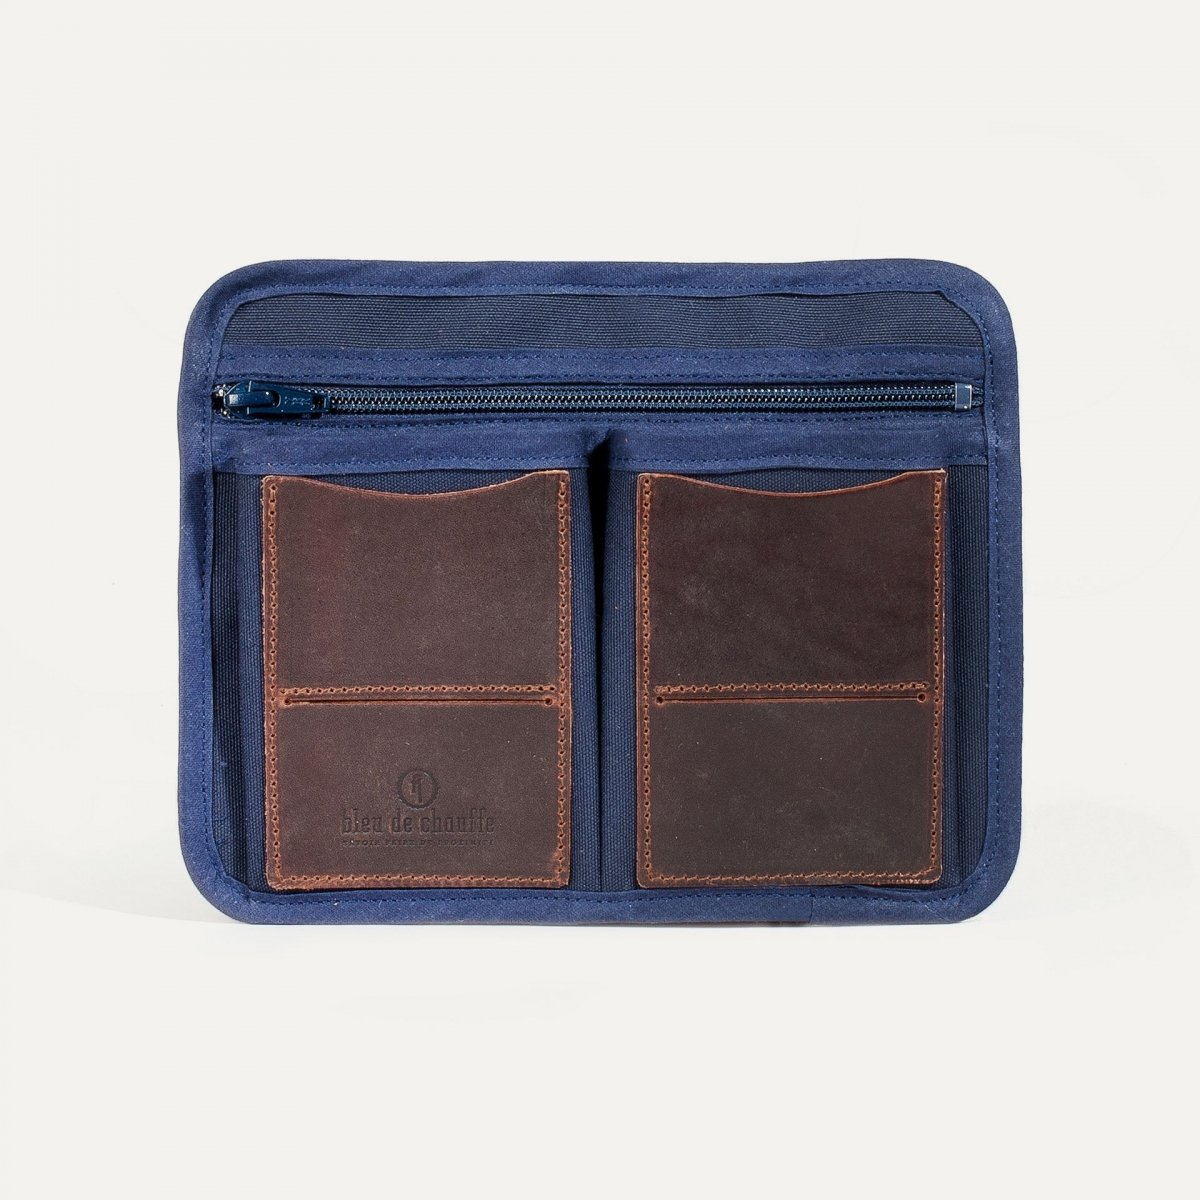 Poche multicompartiments - Bleu (image n°1)